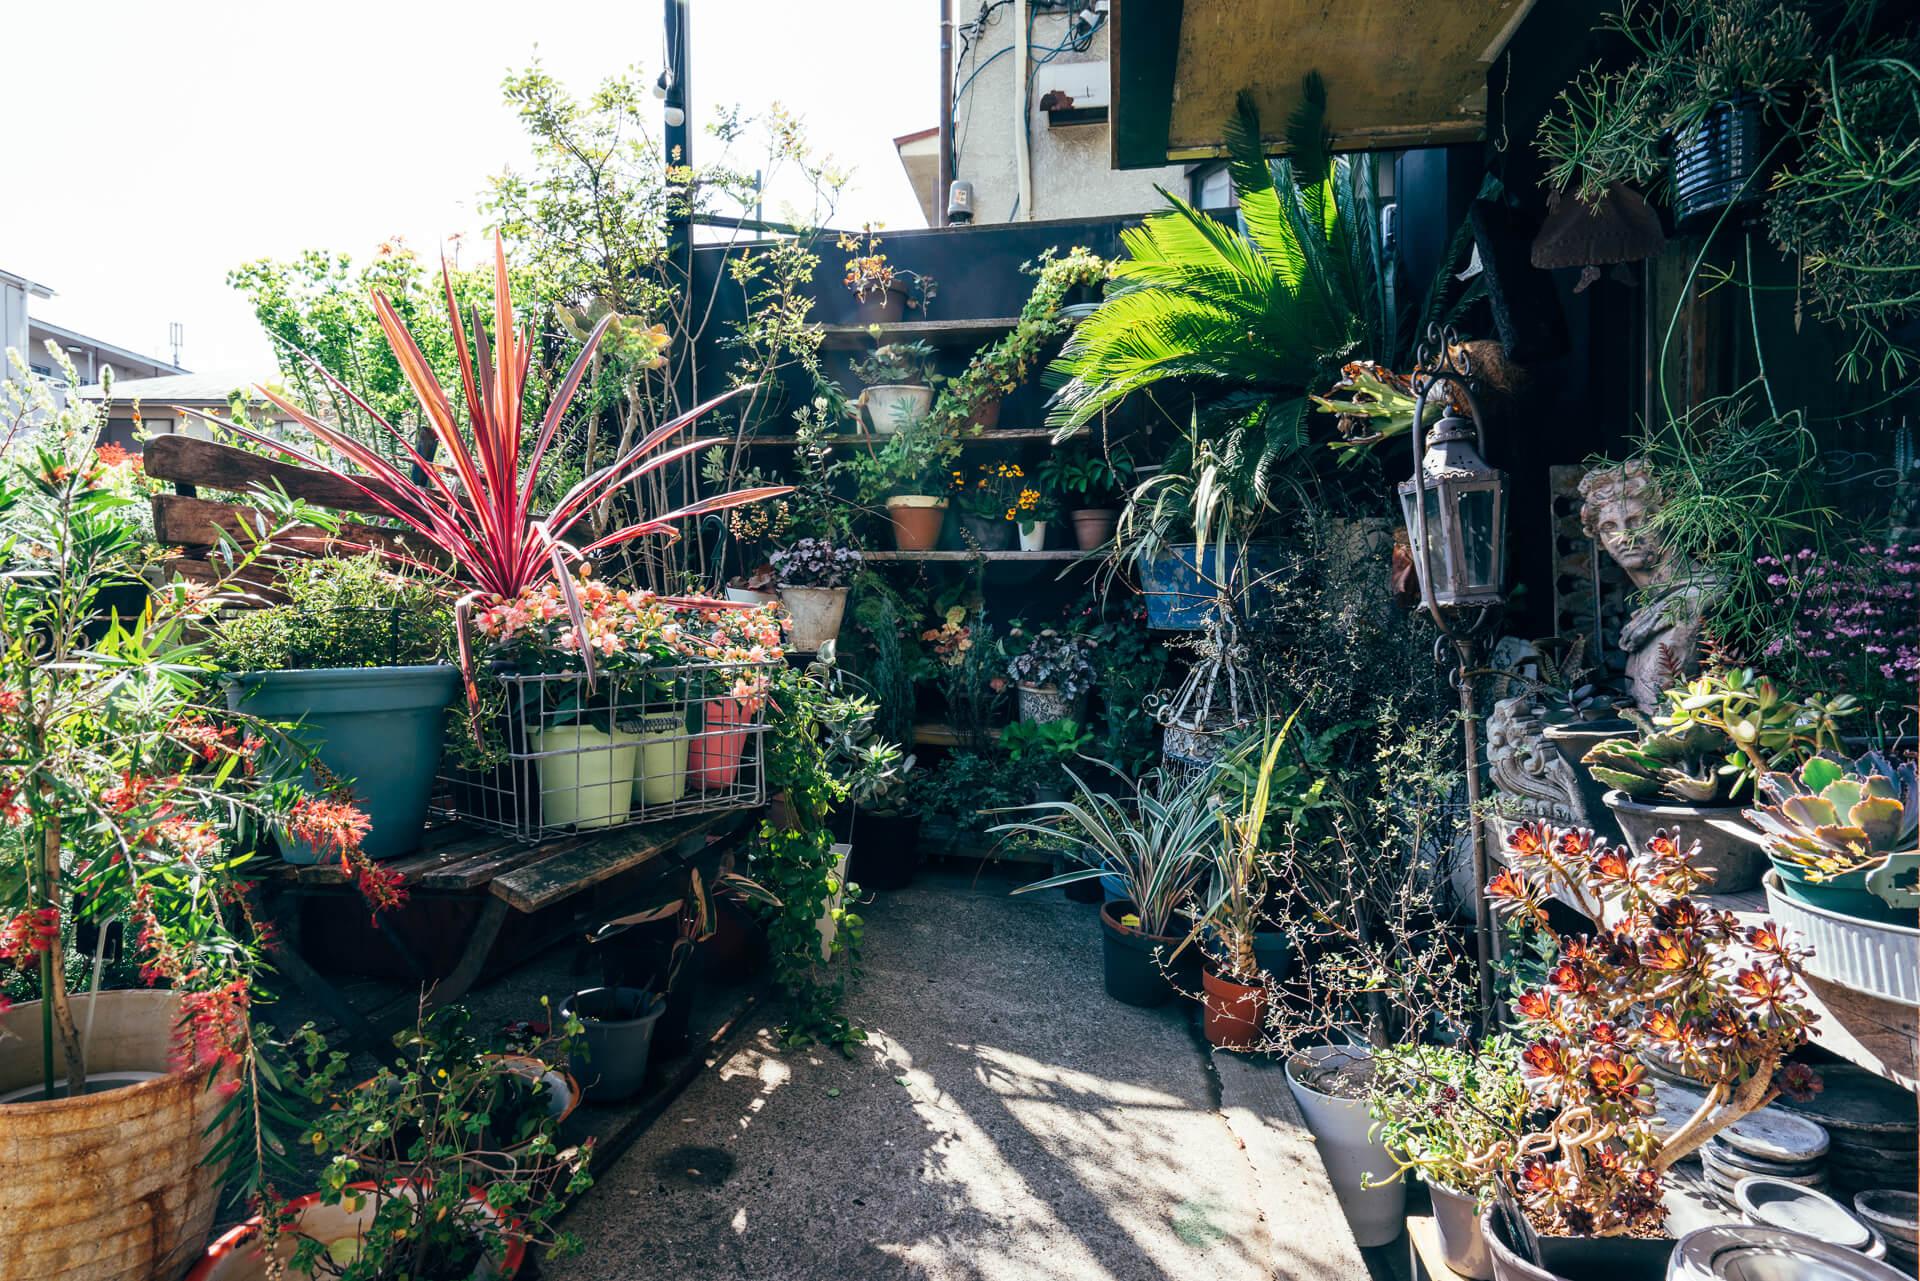 季節に応じて花の鉢植えなどが並ぶ店頭。じっくり見て回ると変わった植物や不思議な形のものに次々出会い、時間を忘れます。